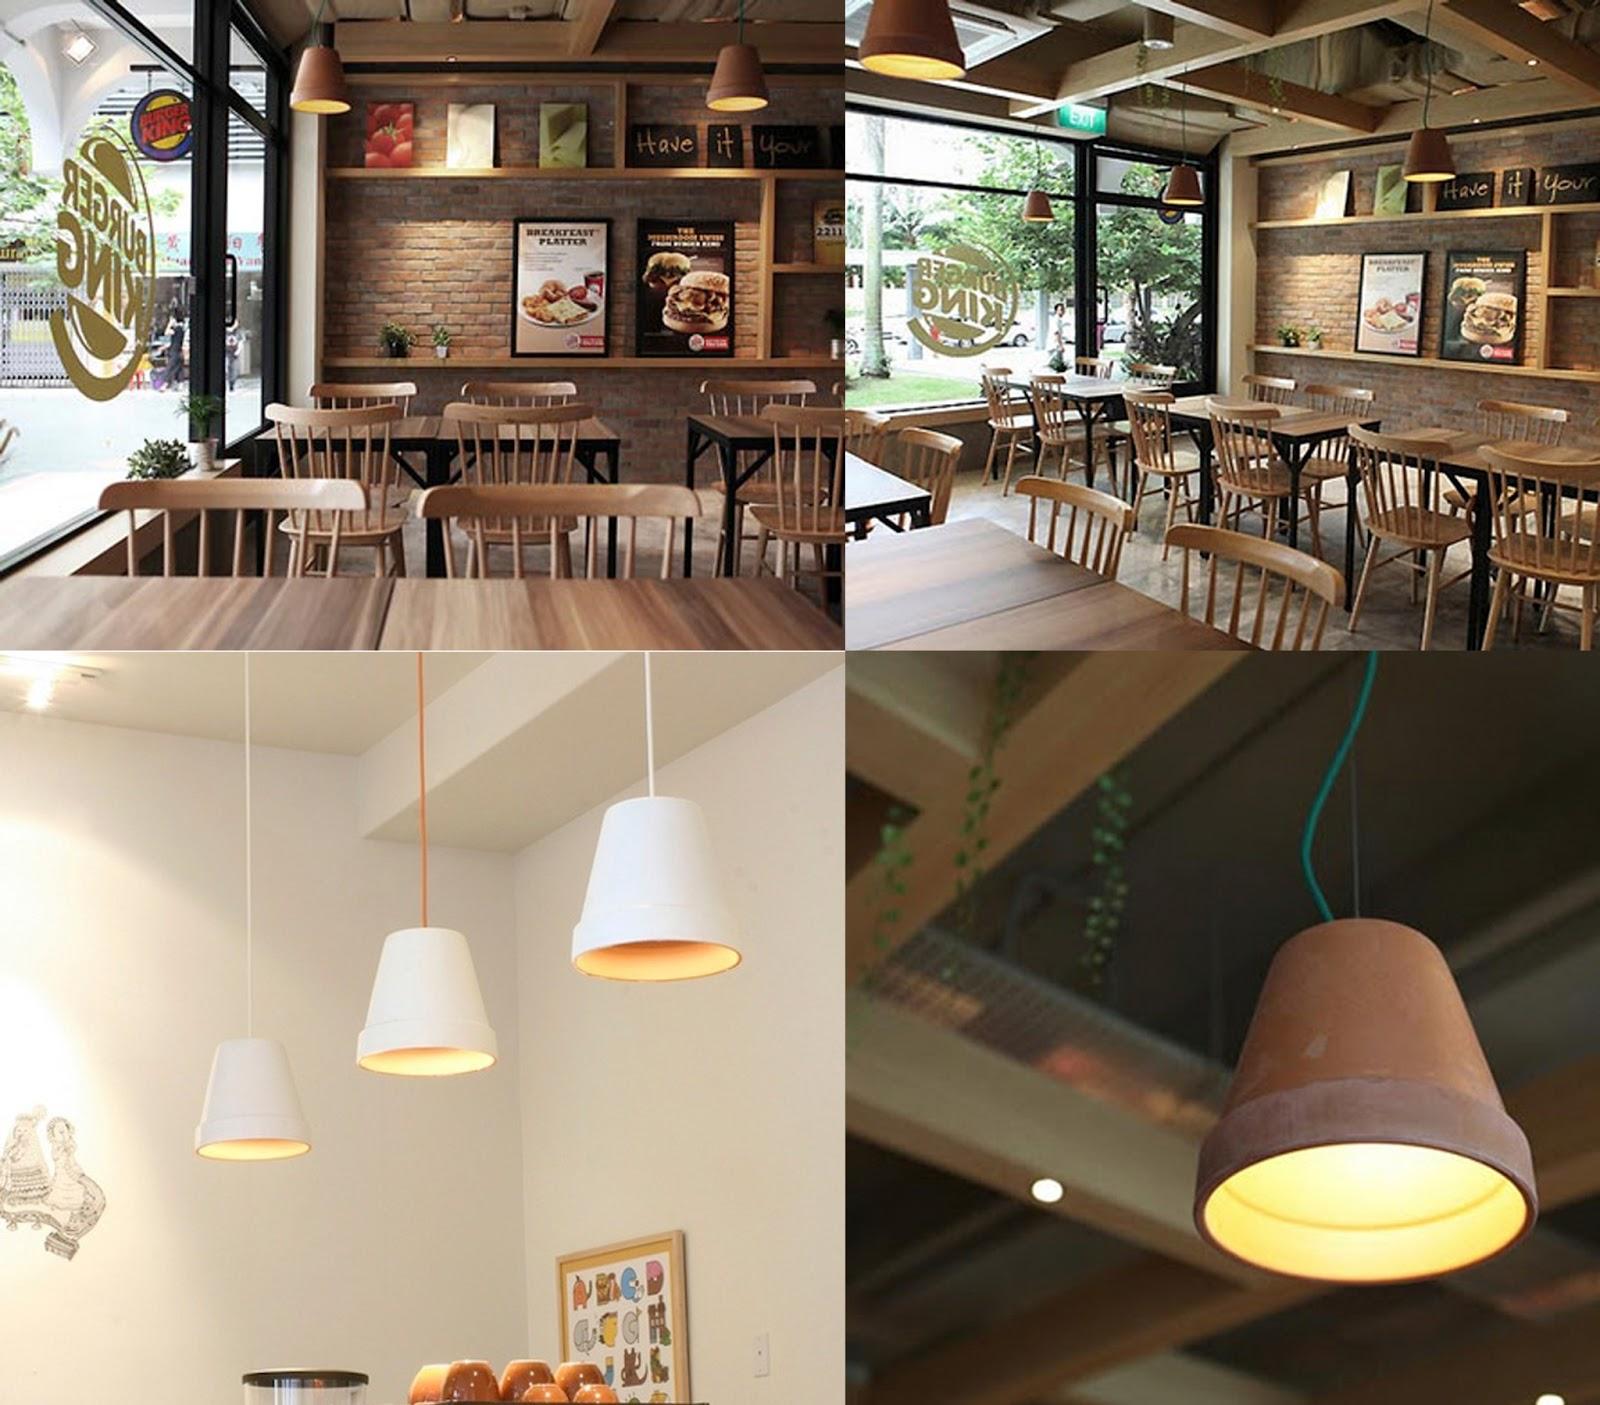 El atelier de bea diy lamparas colgantes con macetas - Macetas colgantes interior ...